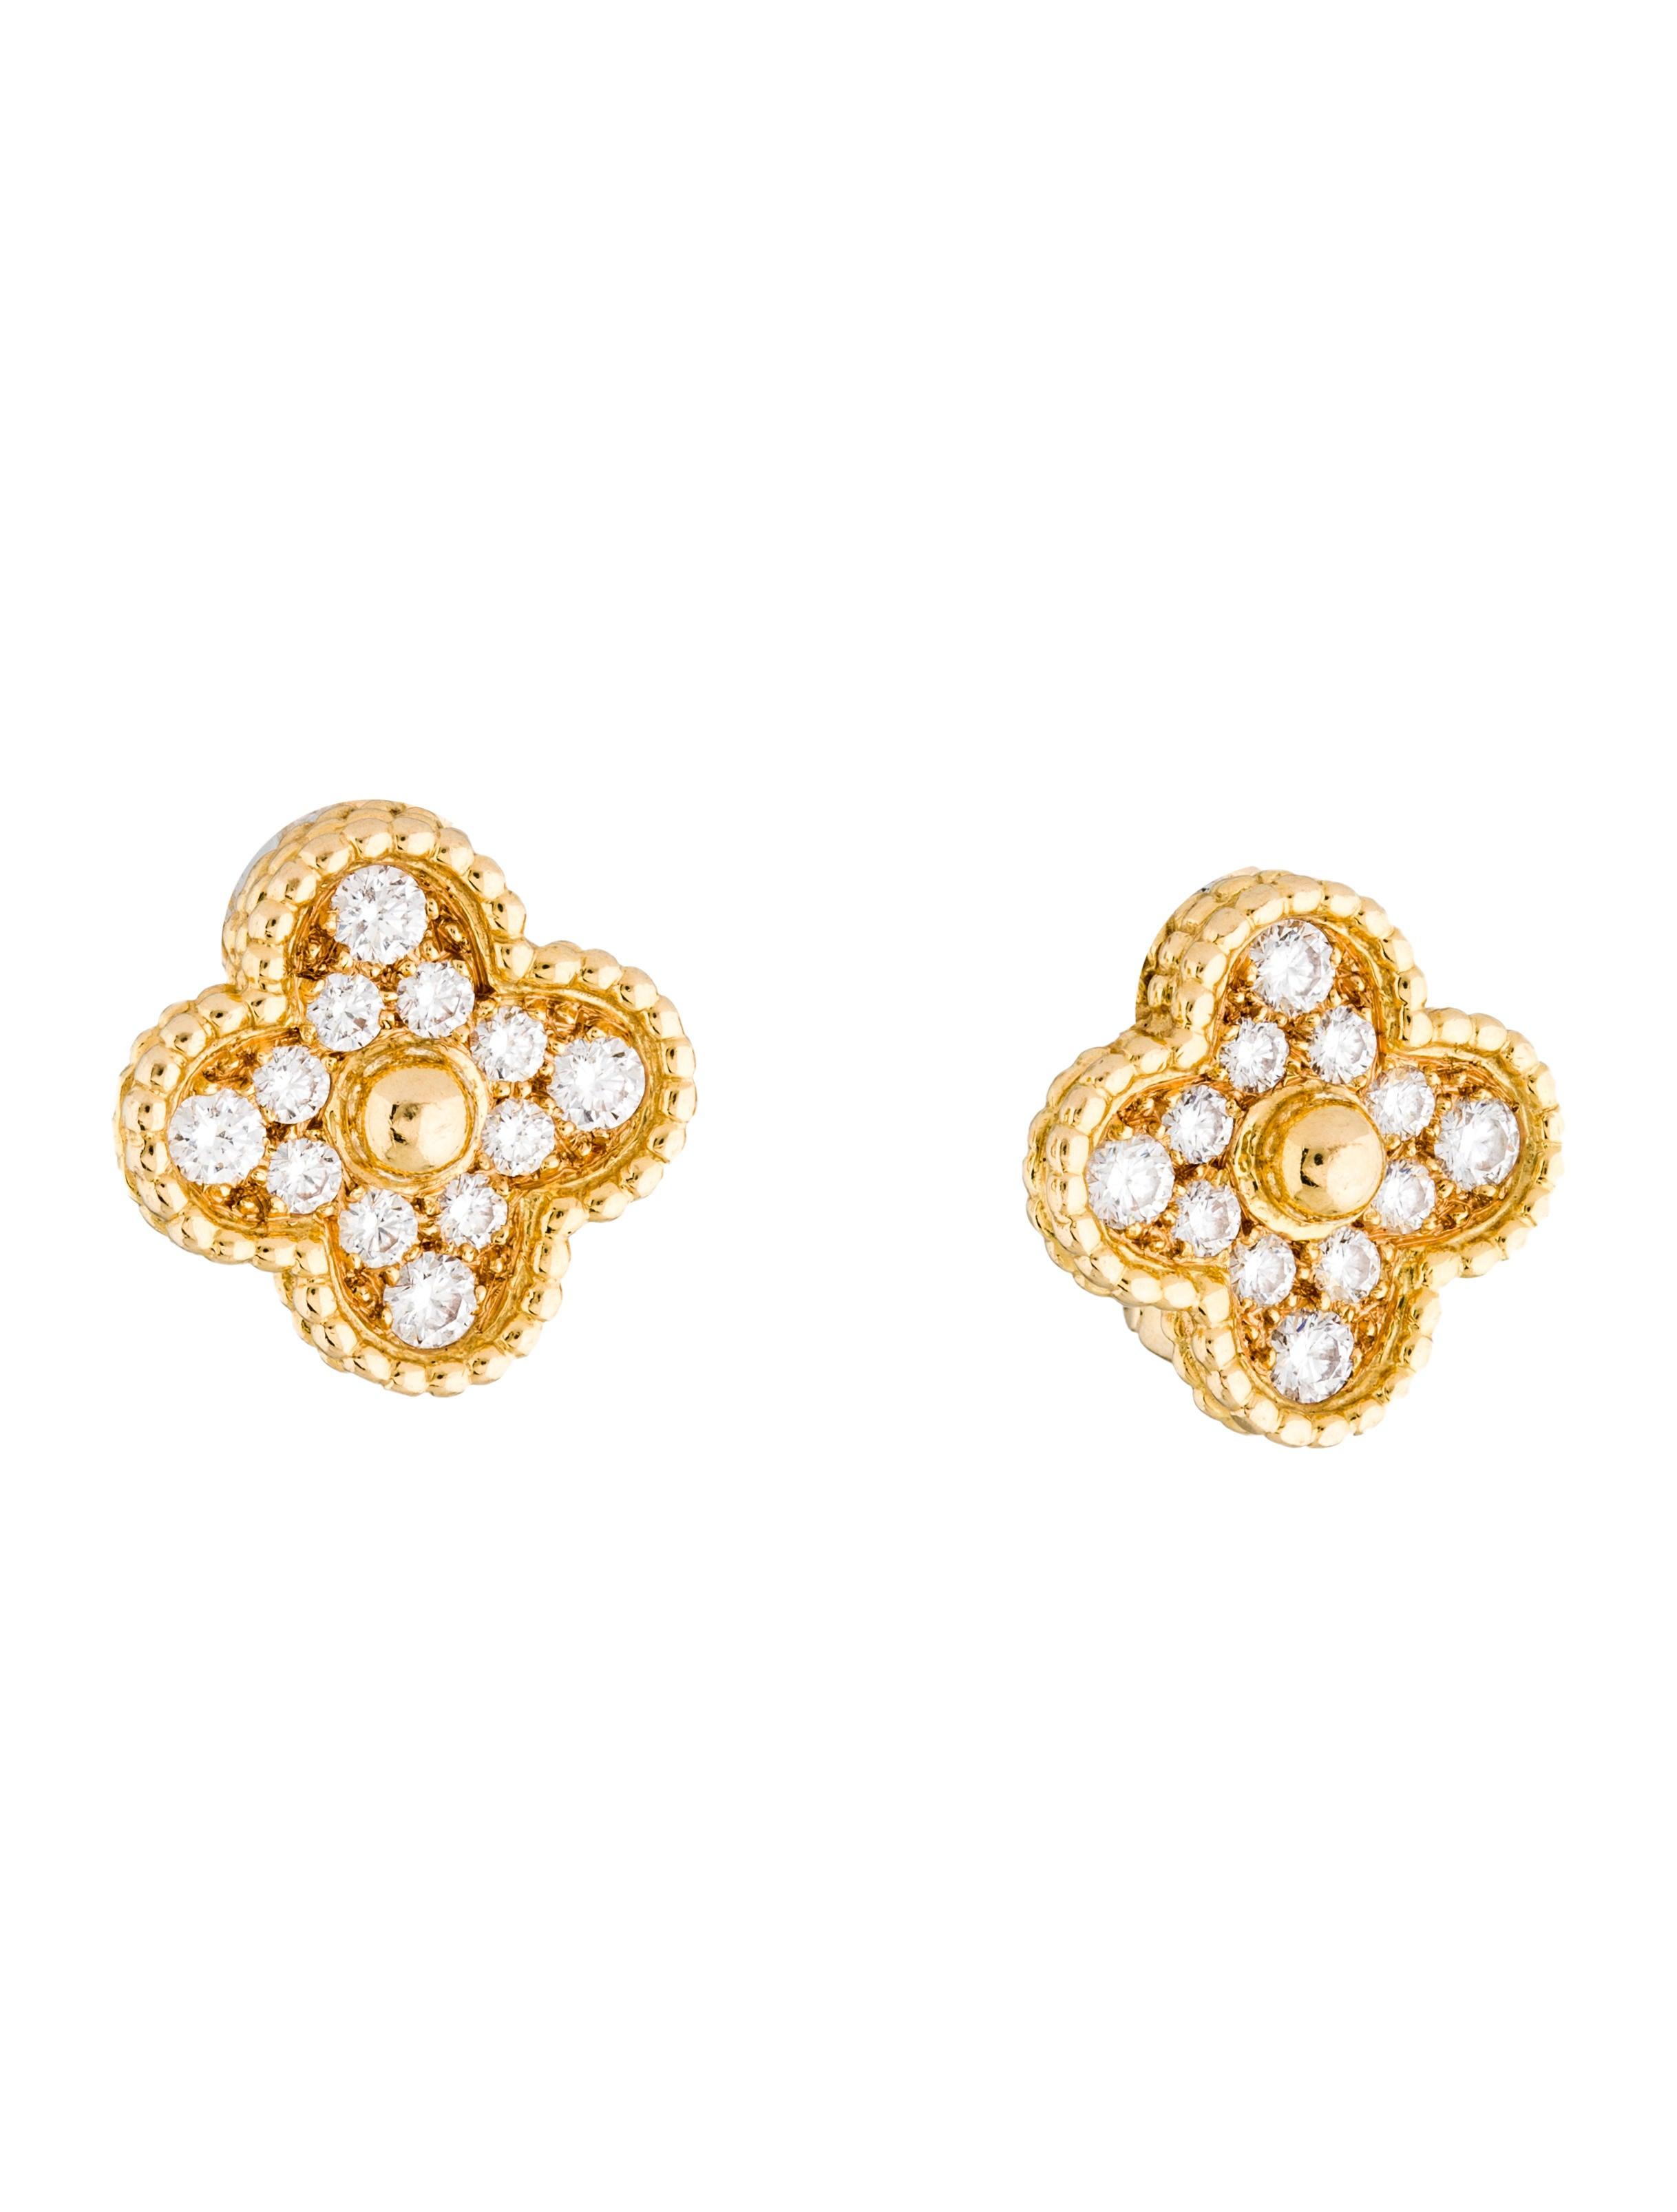 Van Cleef & Arpels Vintage Alhambra Diamond Stud Earrings